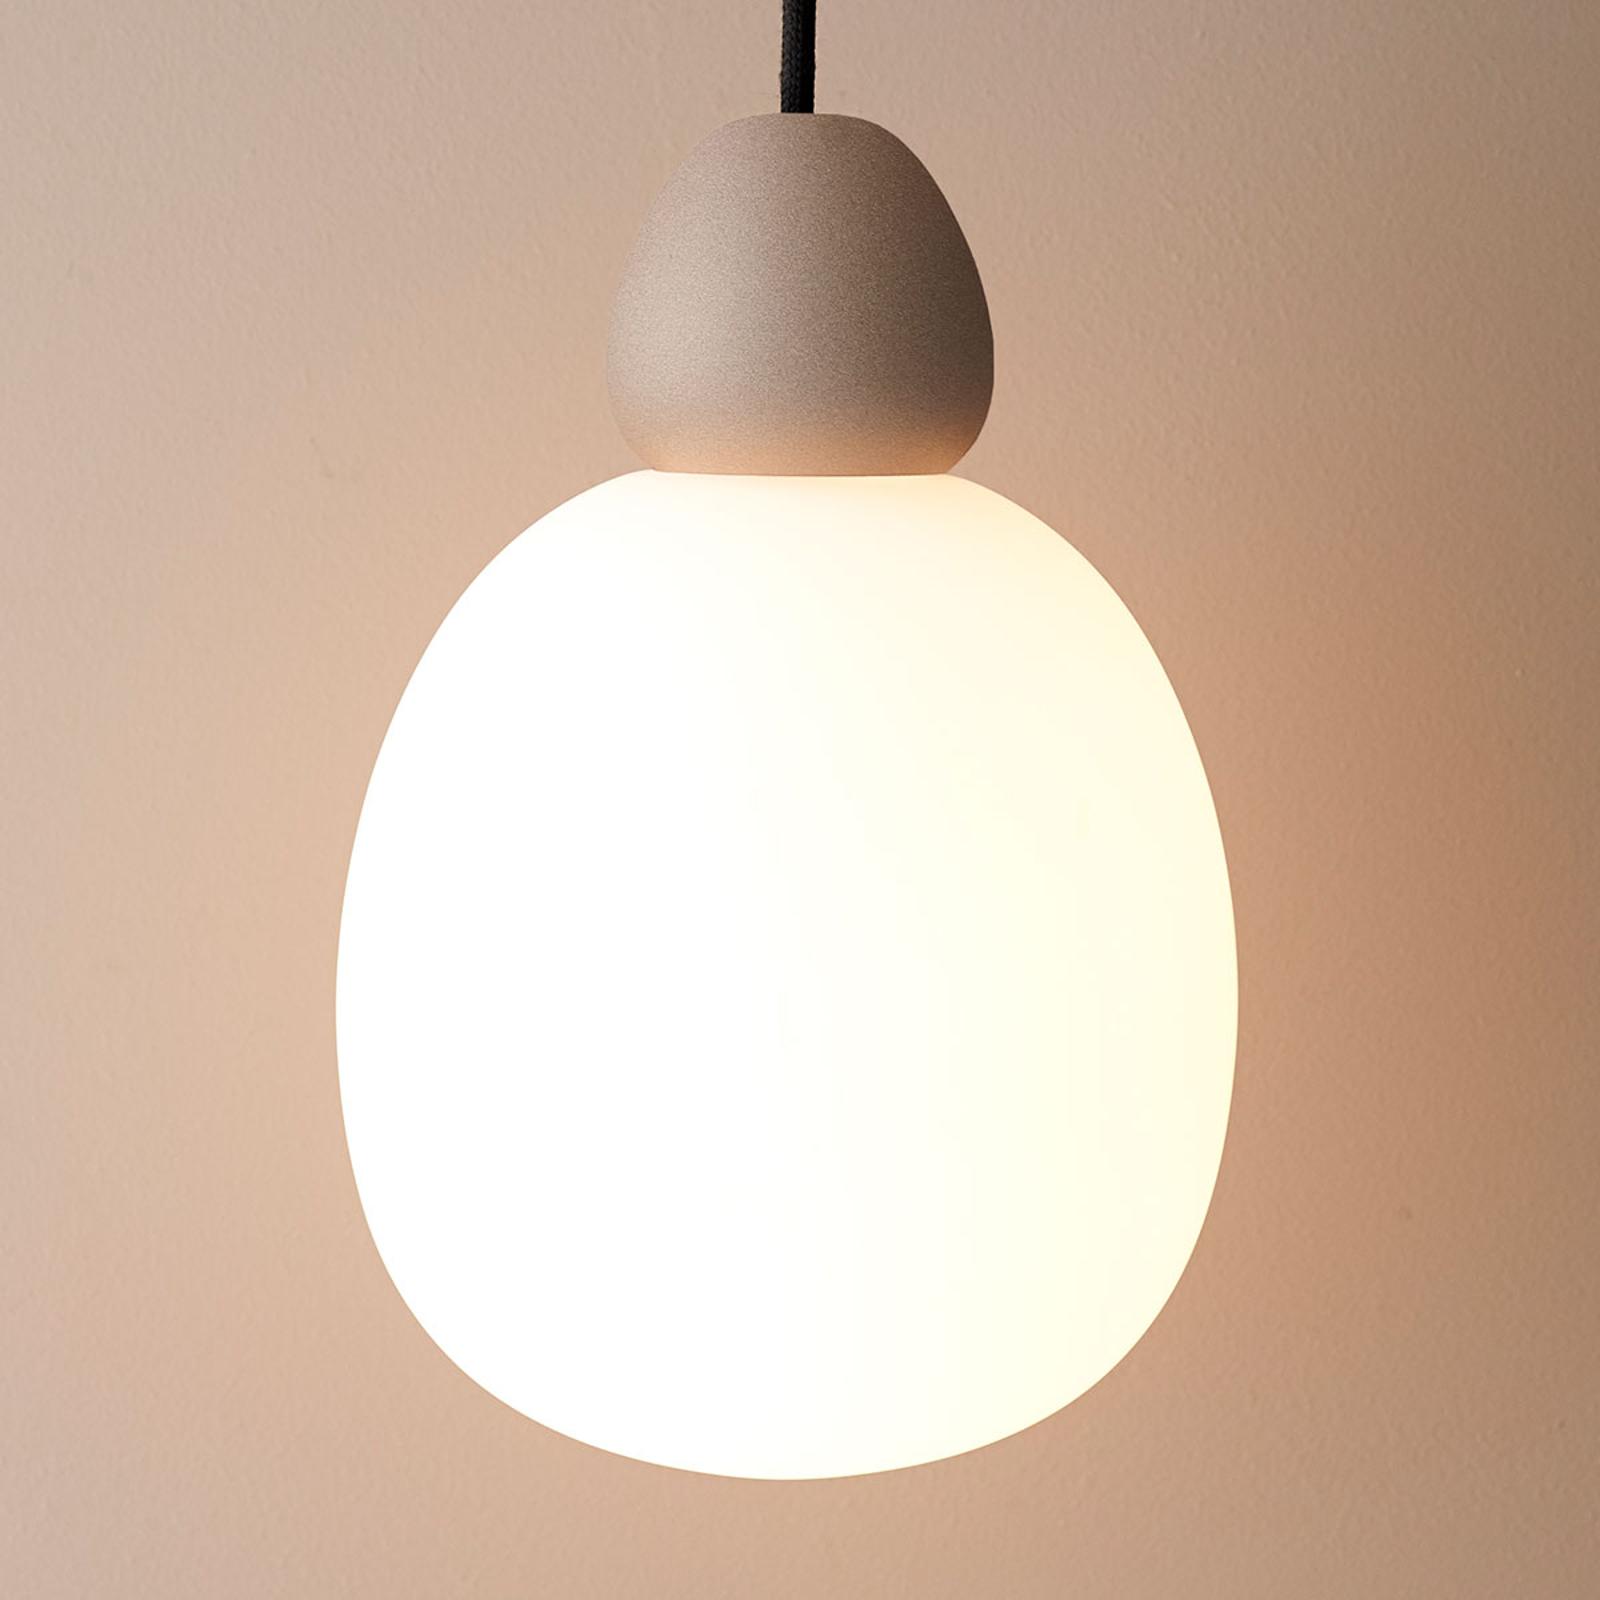 Szklana lampa wisząca Buddy zawieszenie piaskowe